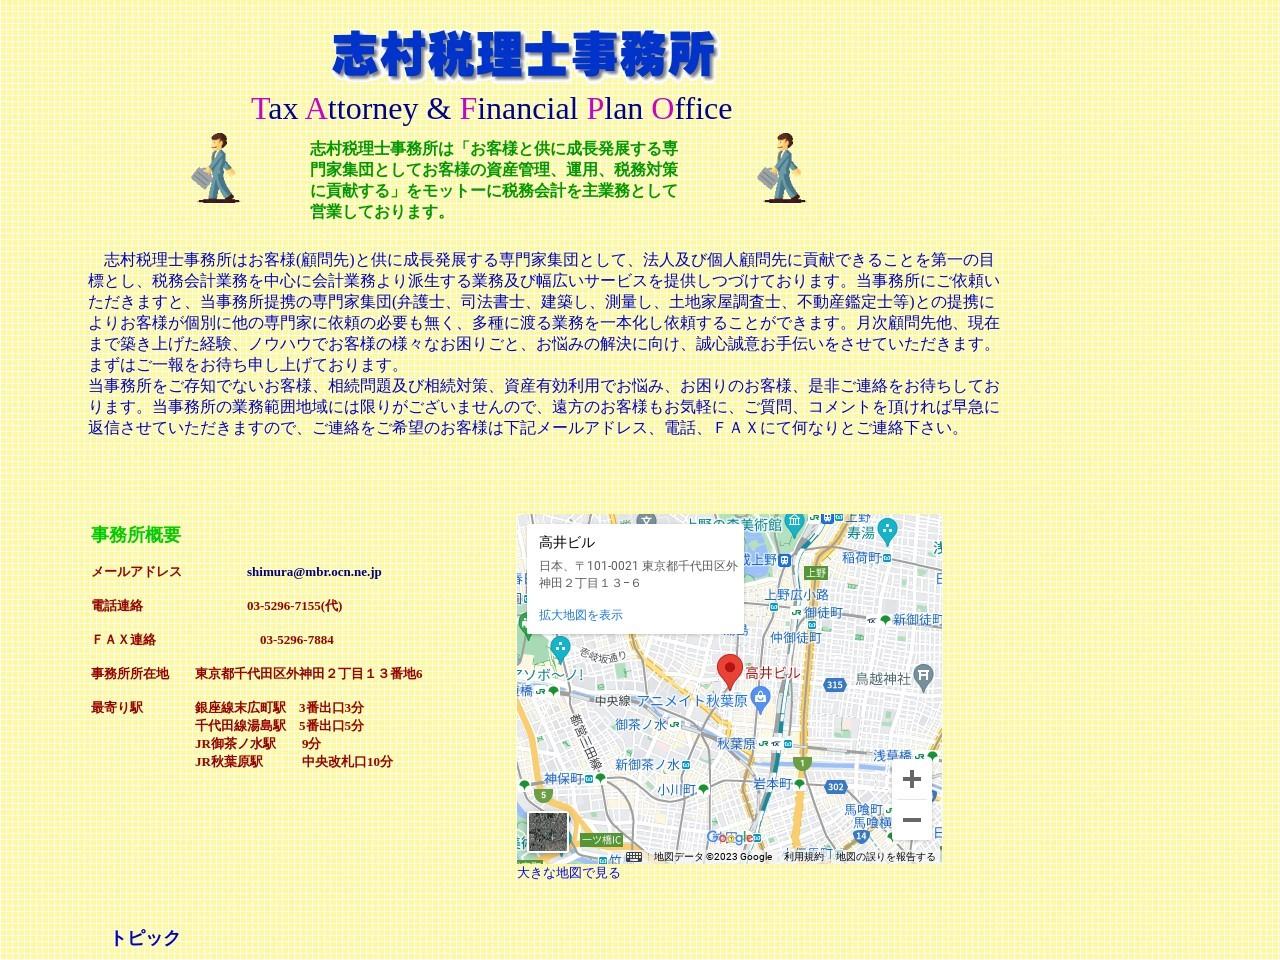 志村税理士事務所